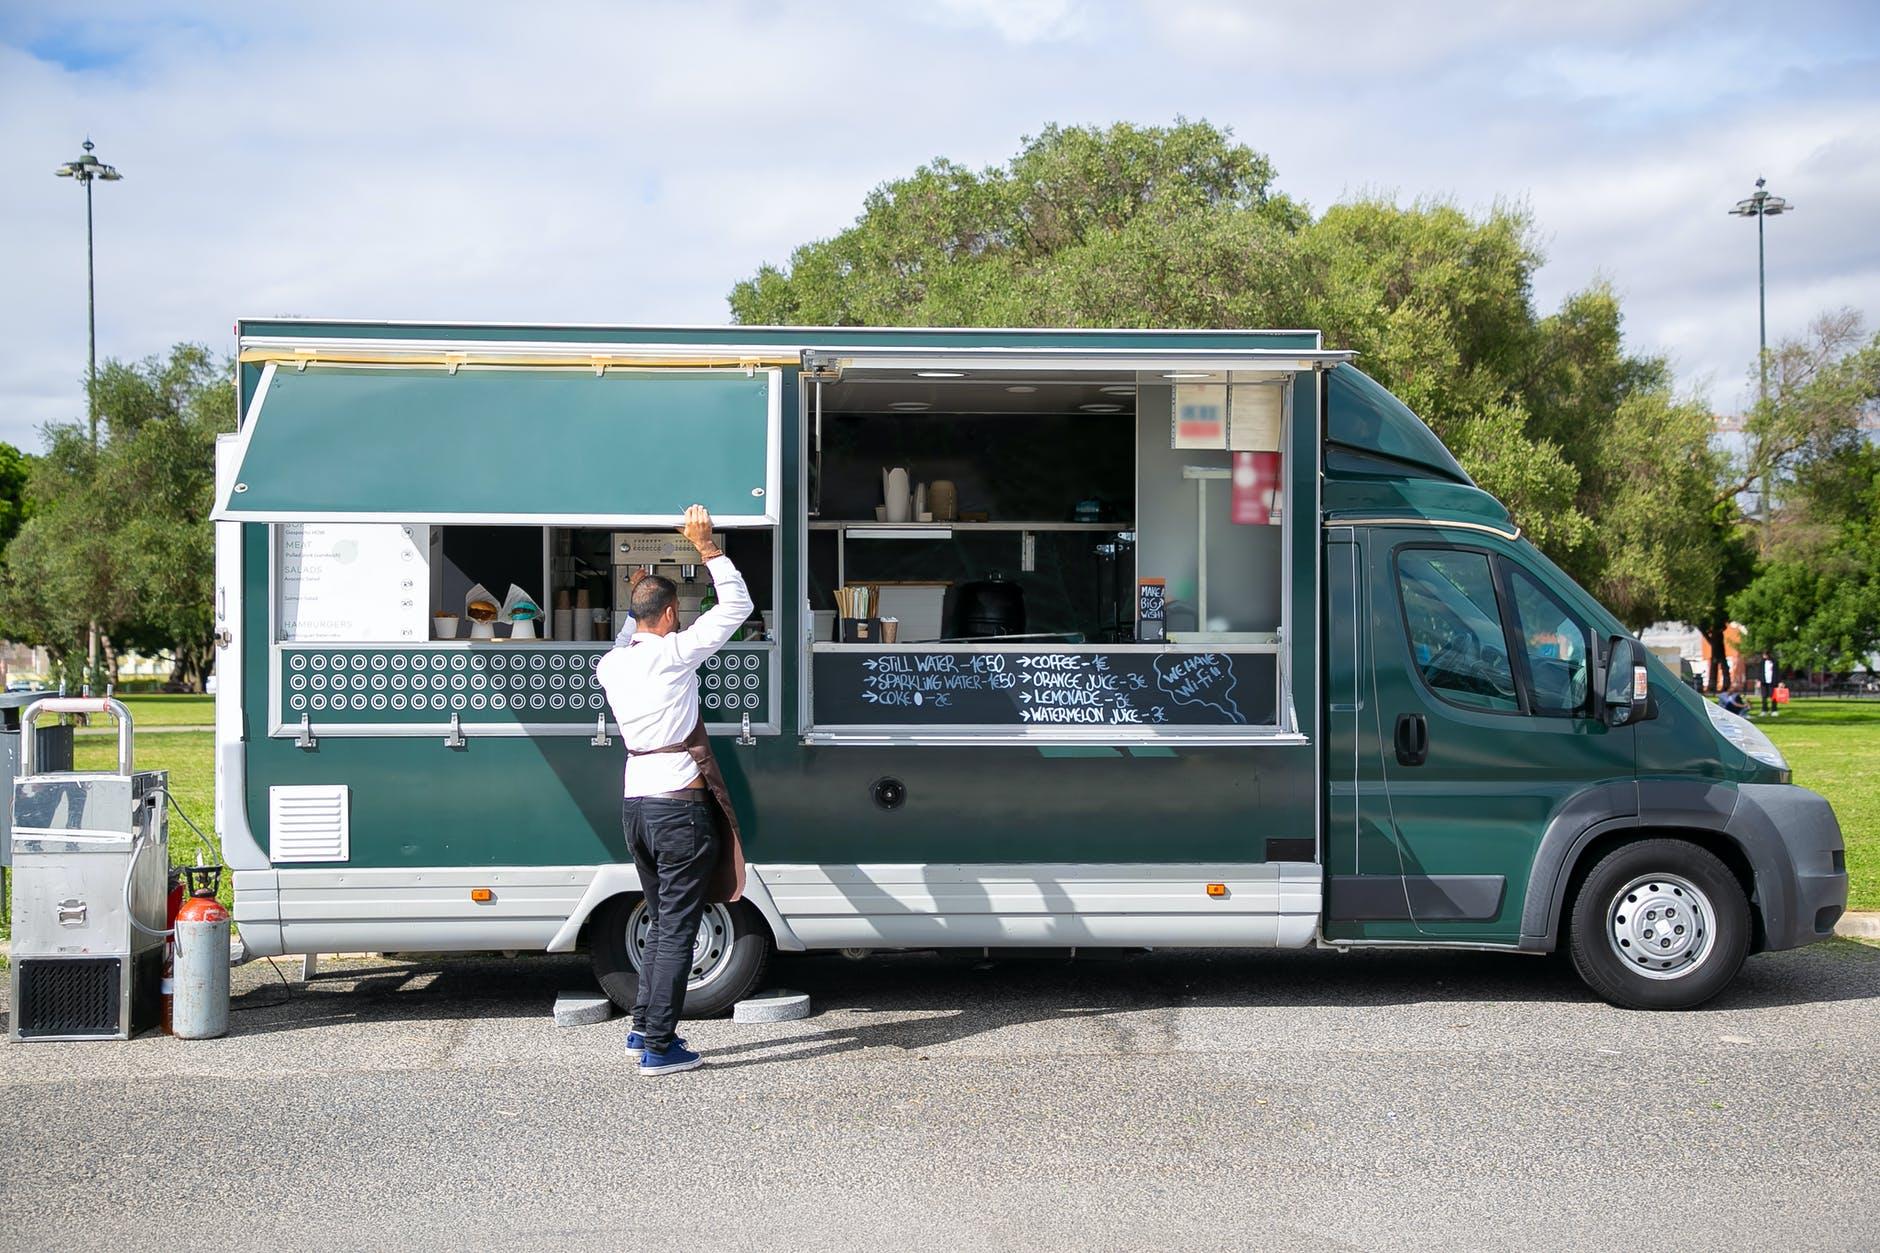 Pria penjual menyiapkan truk makanan untuk bekerja